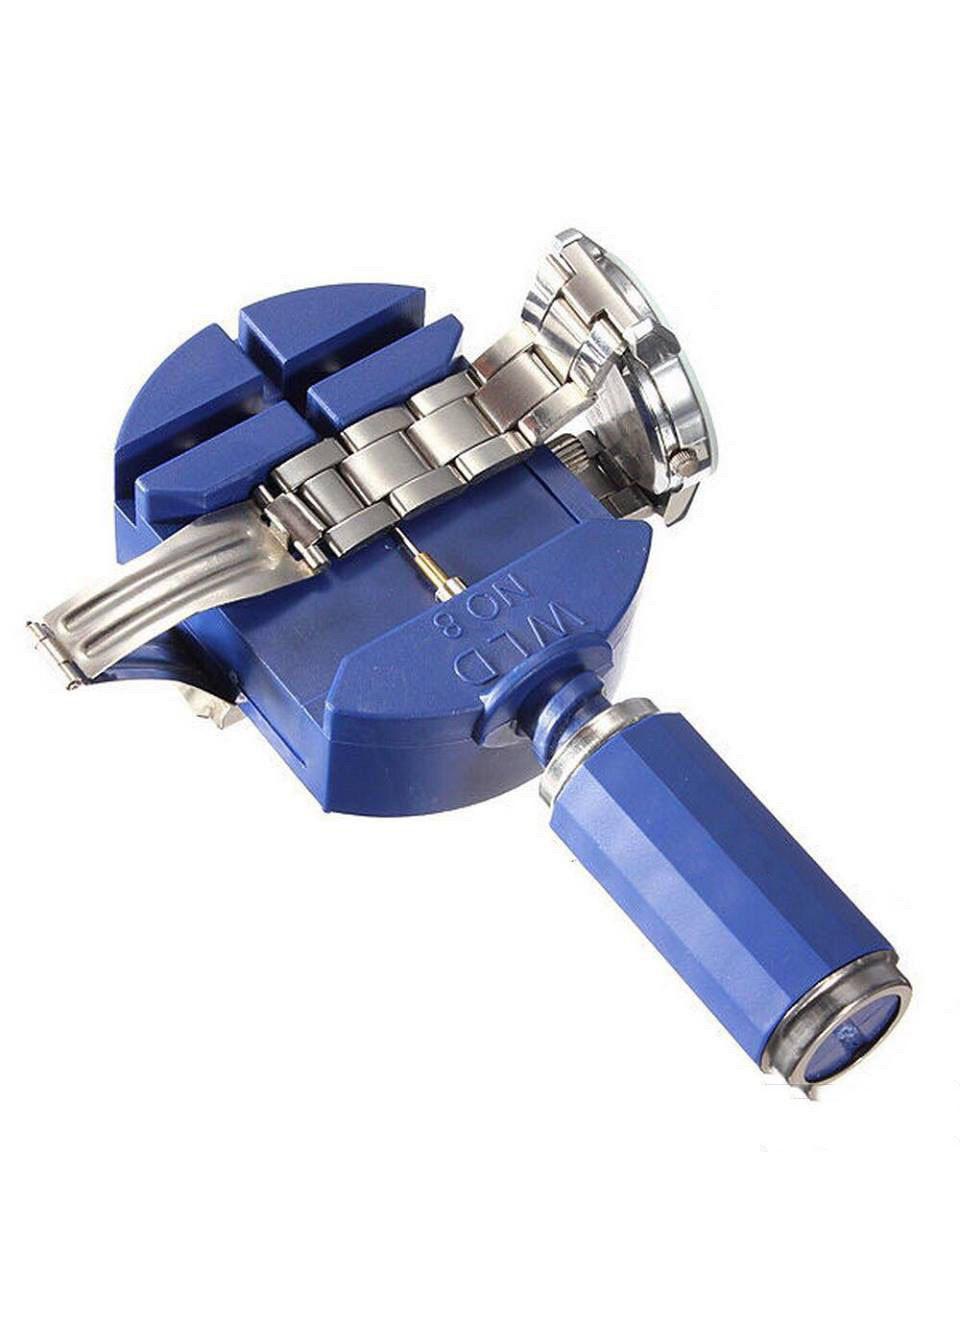 Dụng cụ tháo mắt đồng hồ tương thích nhiều loại kích cỡ dây DC12